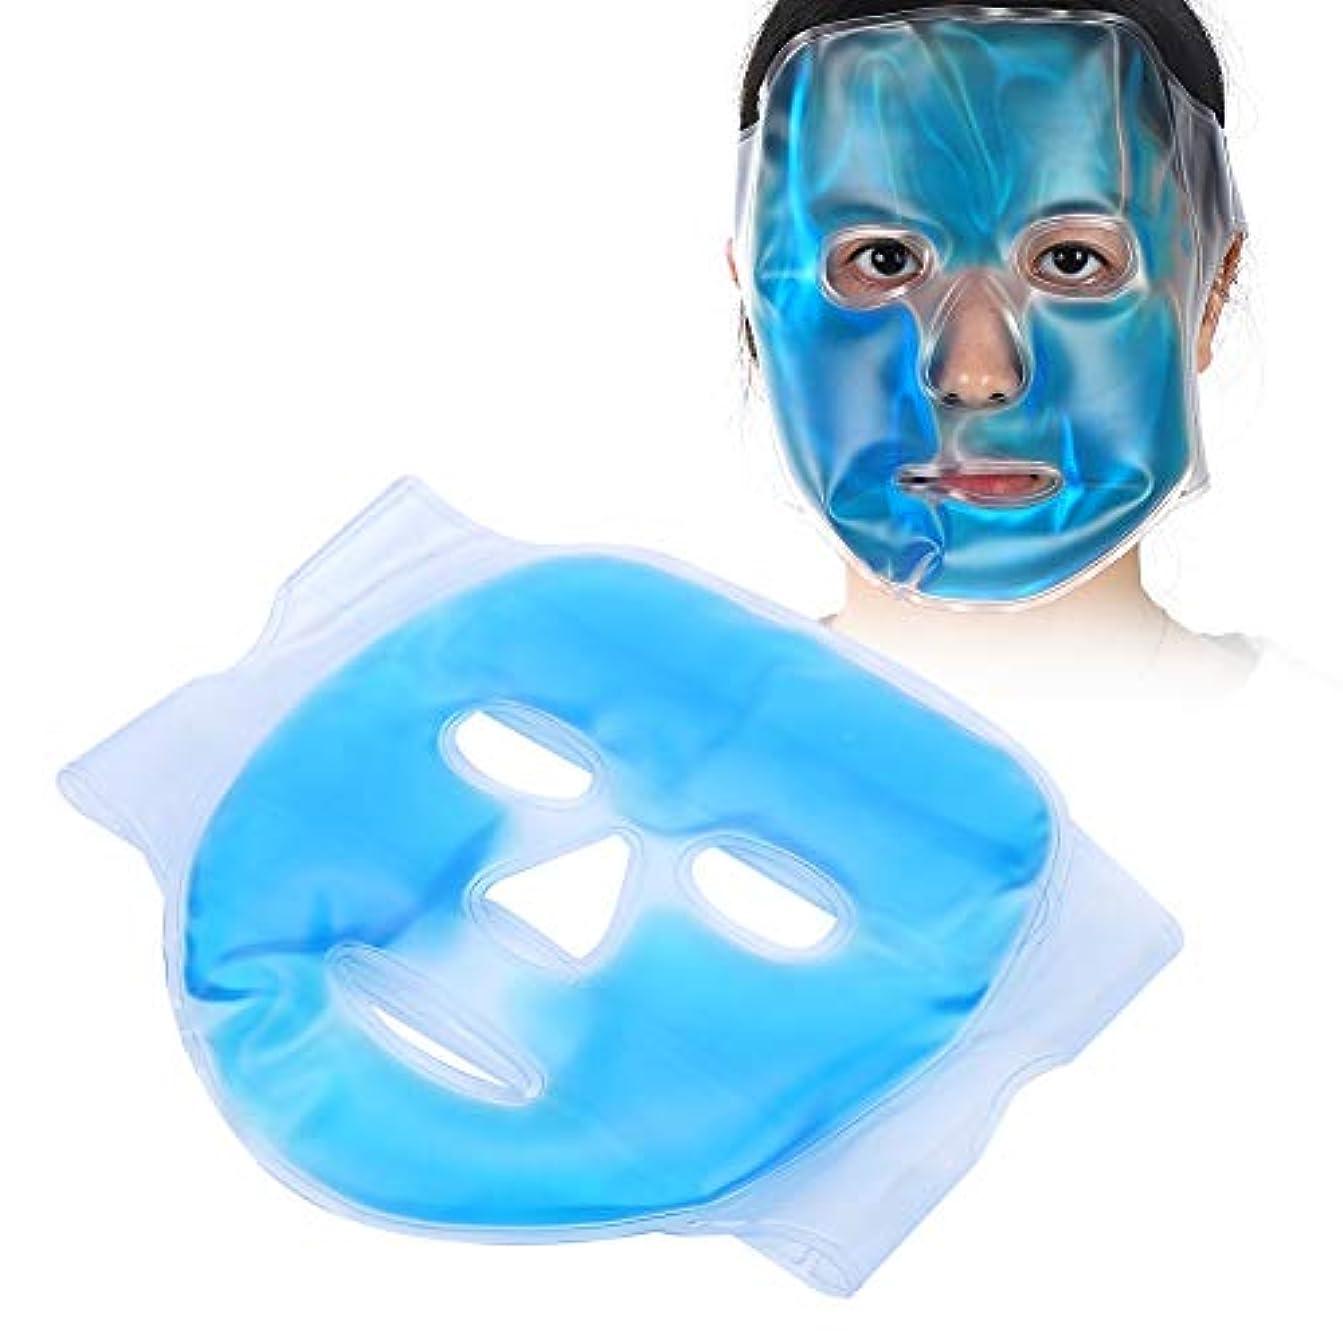 十年差別化する絶えず保湿 ジェル ブルー フェイスマスク 疲労緩和 リラクゼーション フルフェイスクーリングマスク